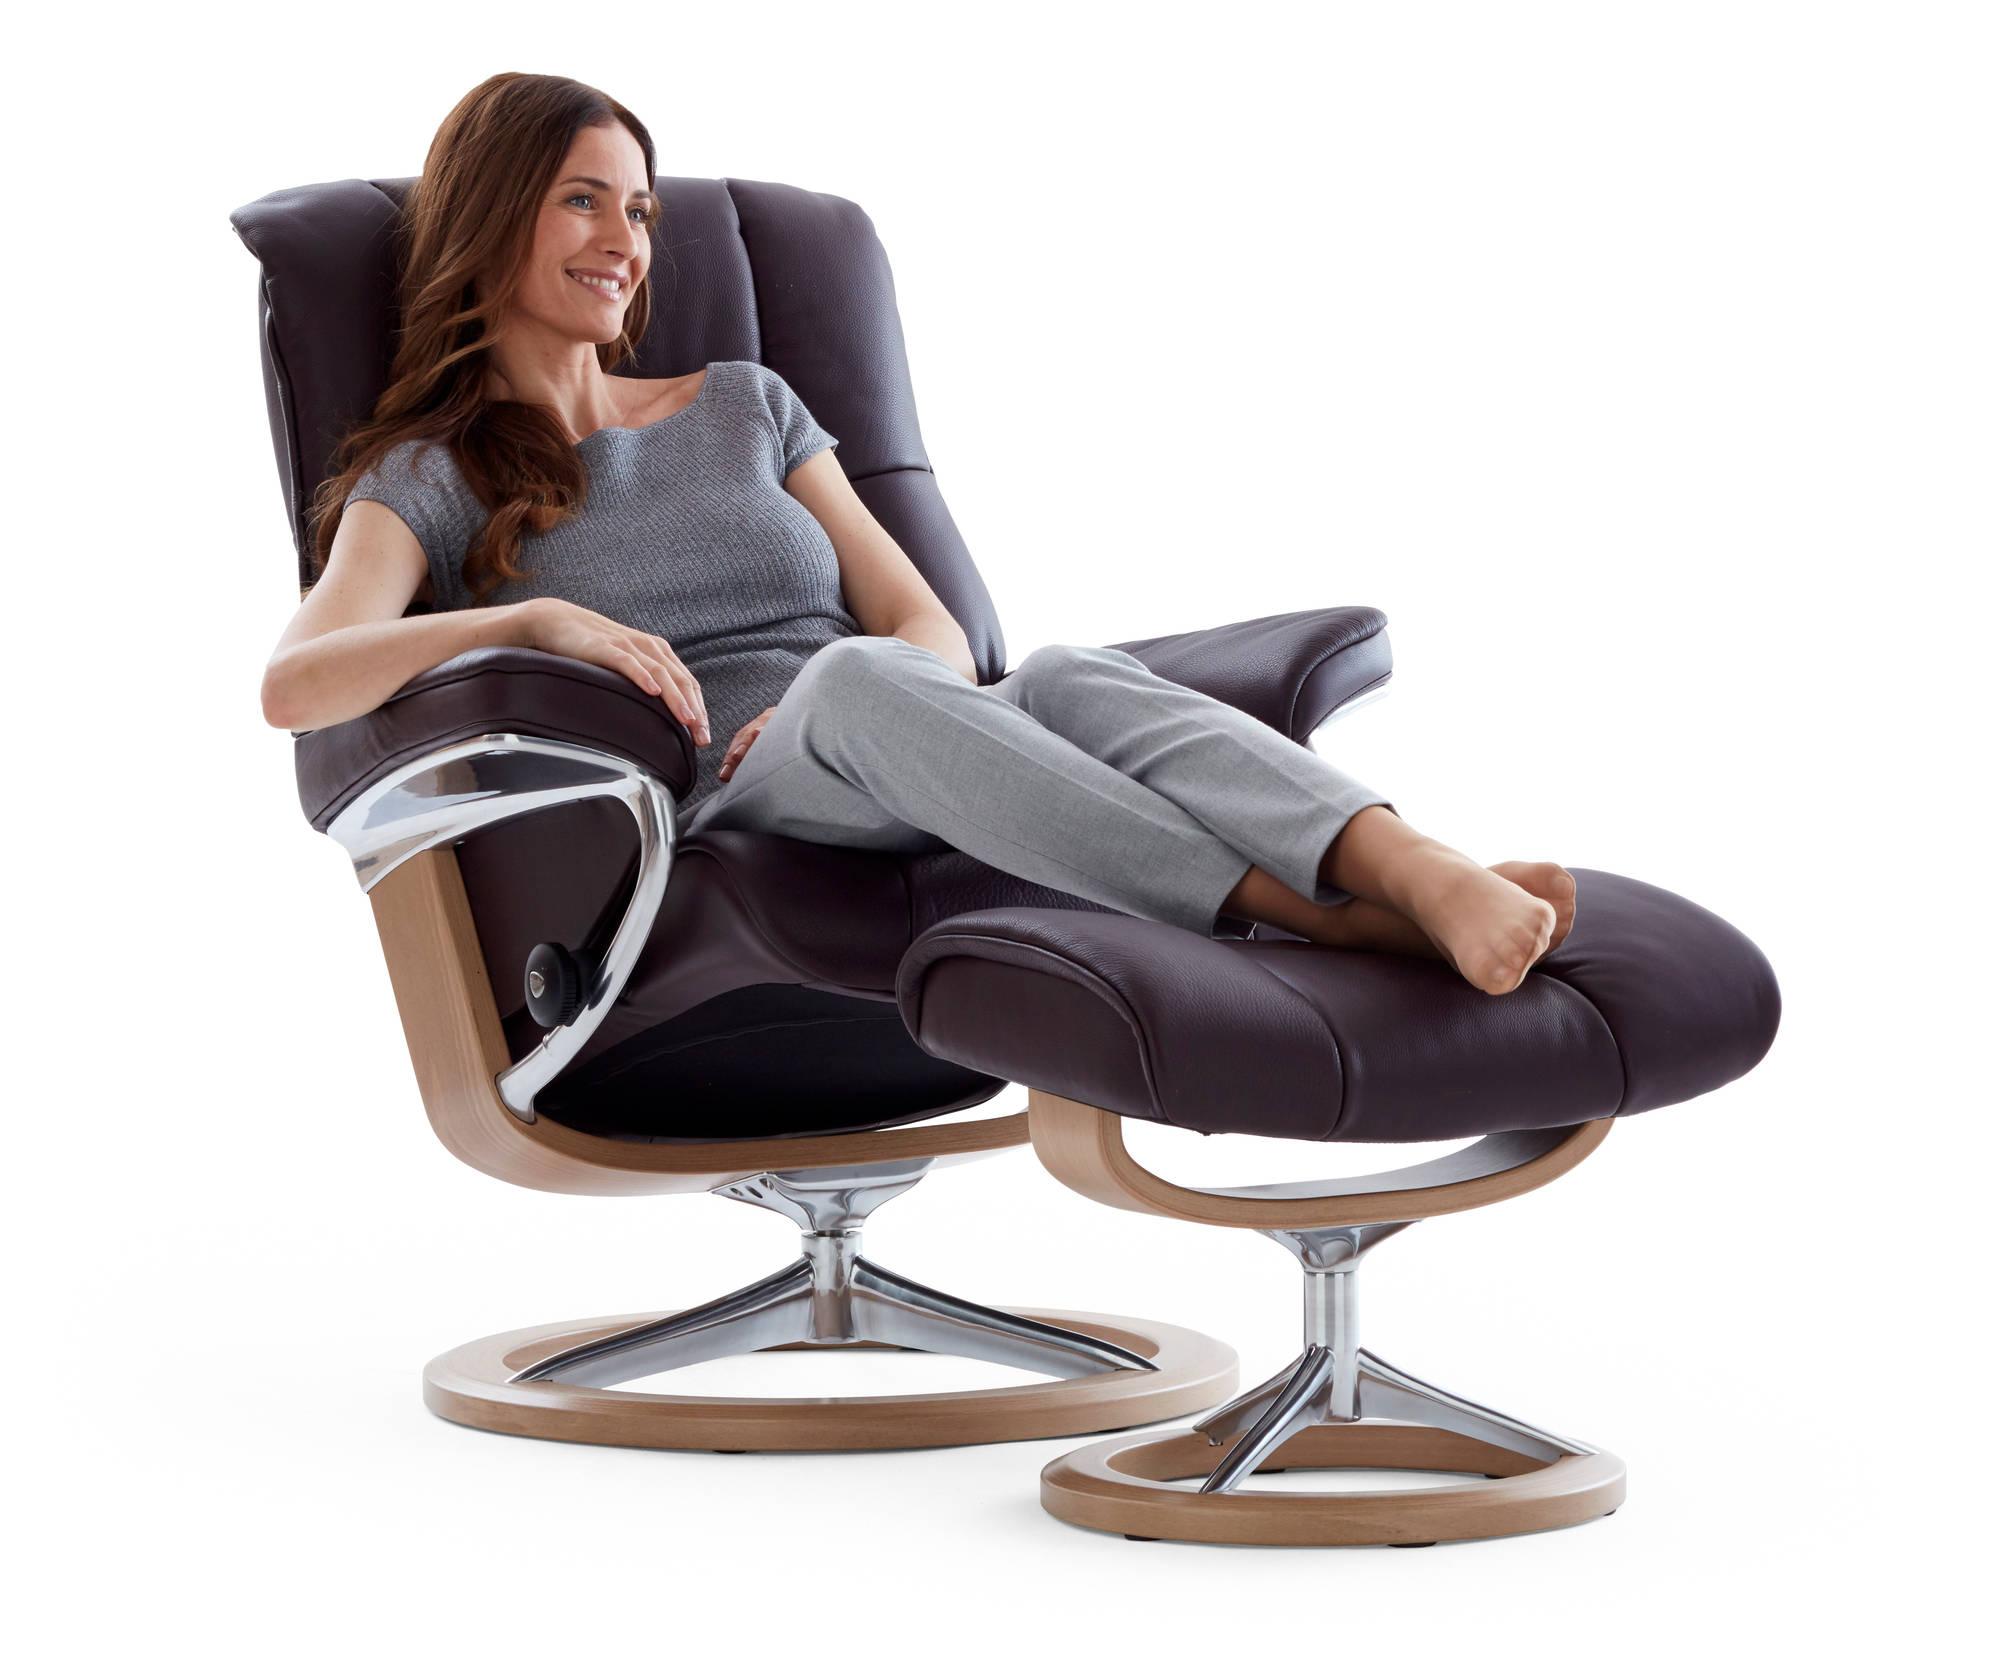 Stressless Mayfair Chair